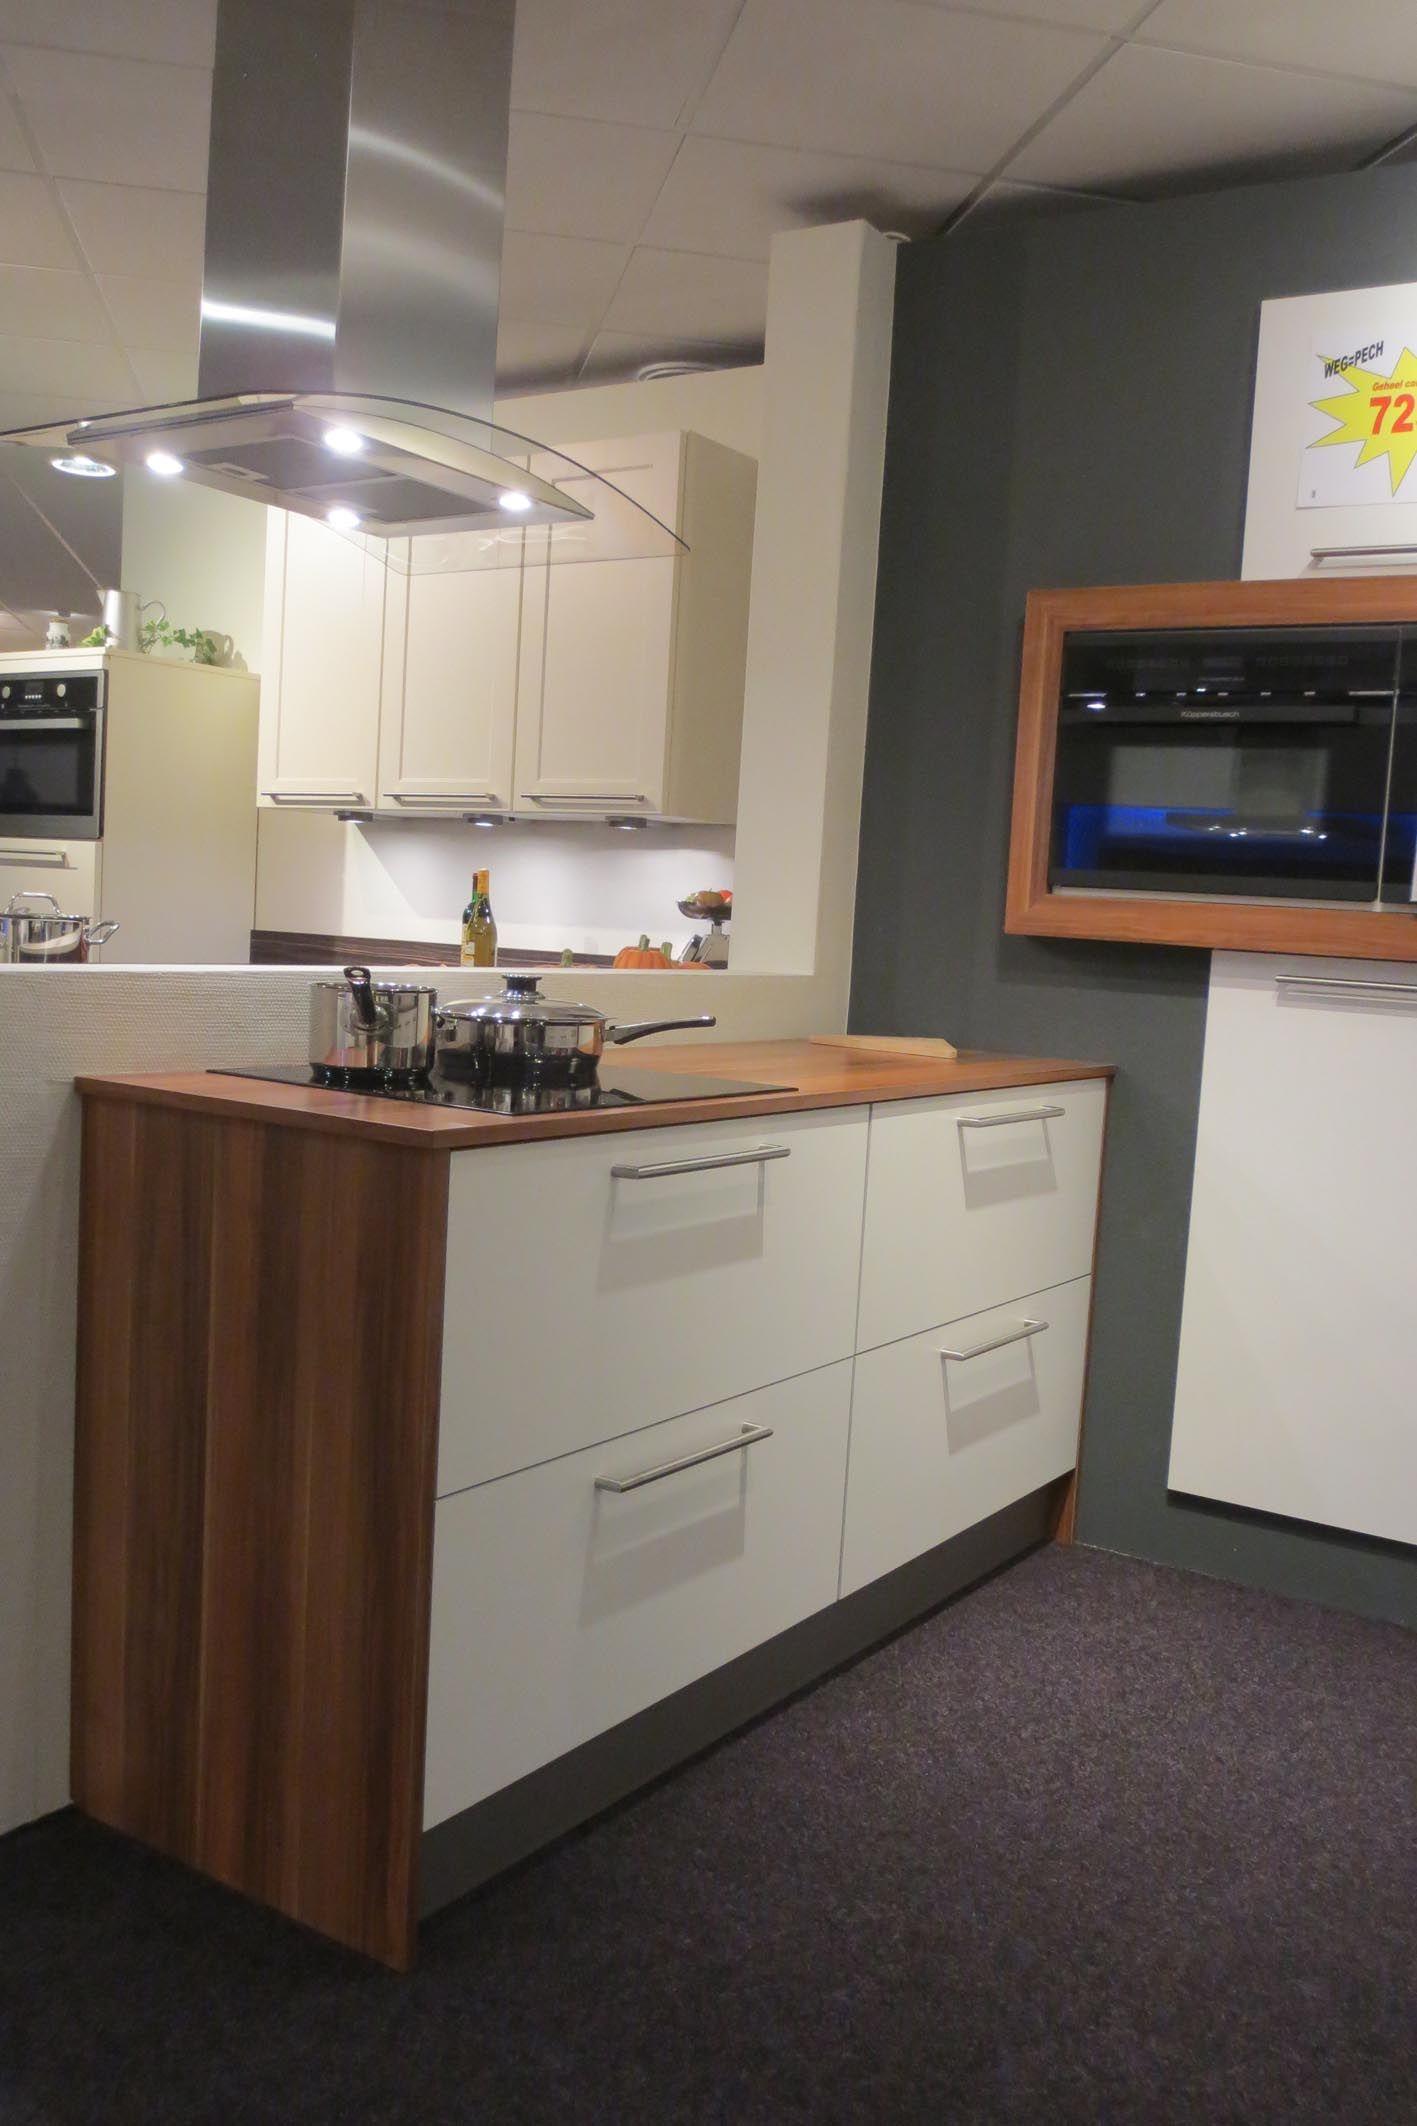 Paul roescher outlet paul roescher outlet zeer originele keukenopstelling y106 49639 - Keuken originele keuken ...